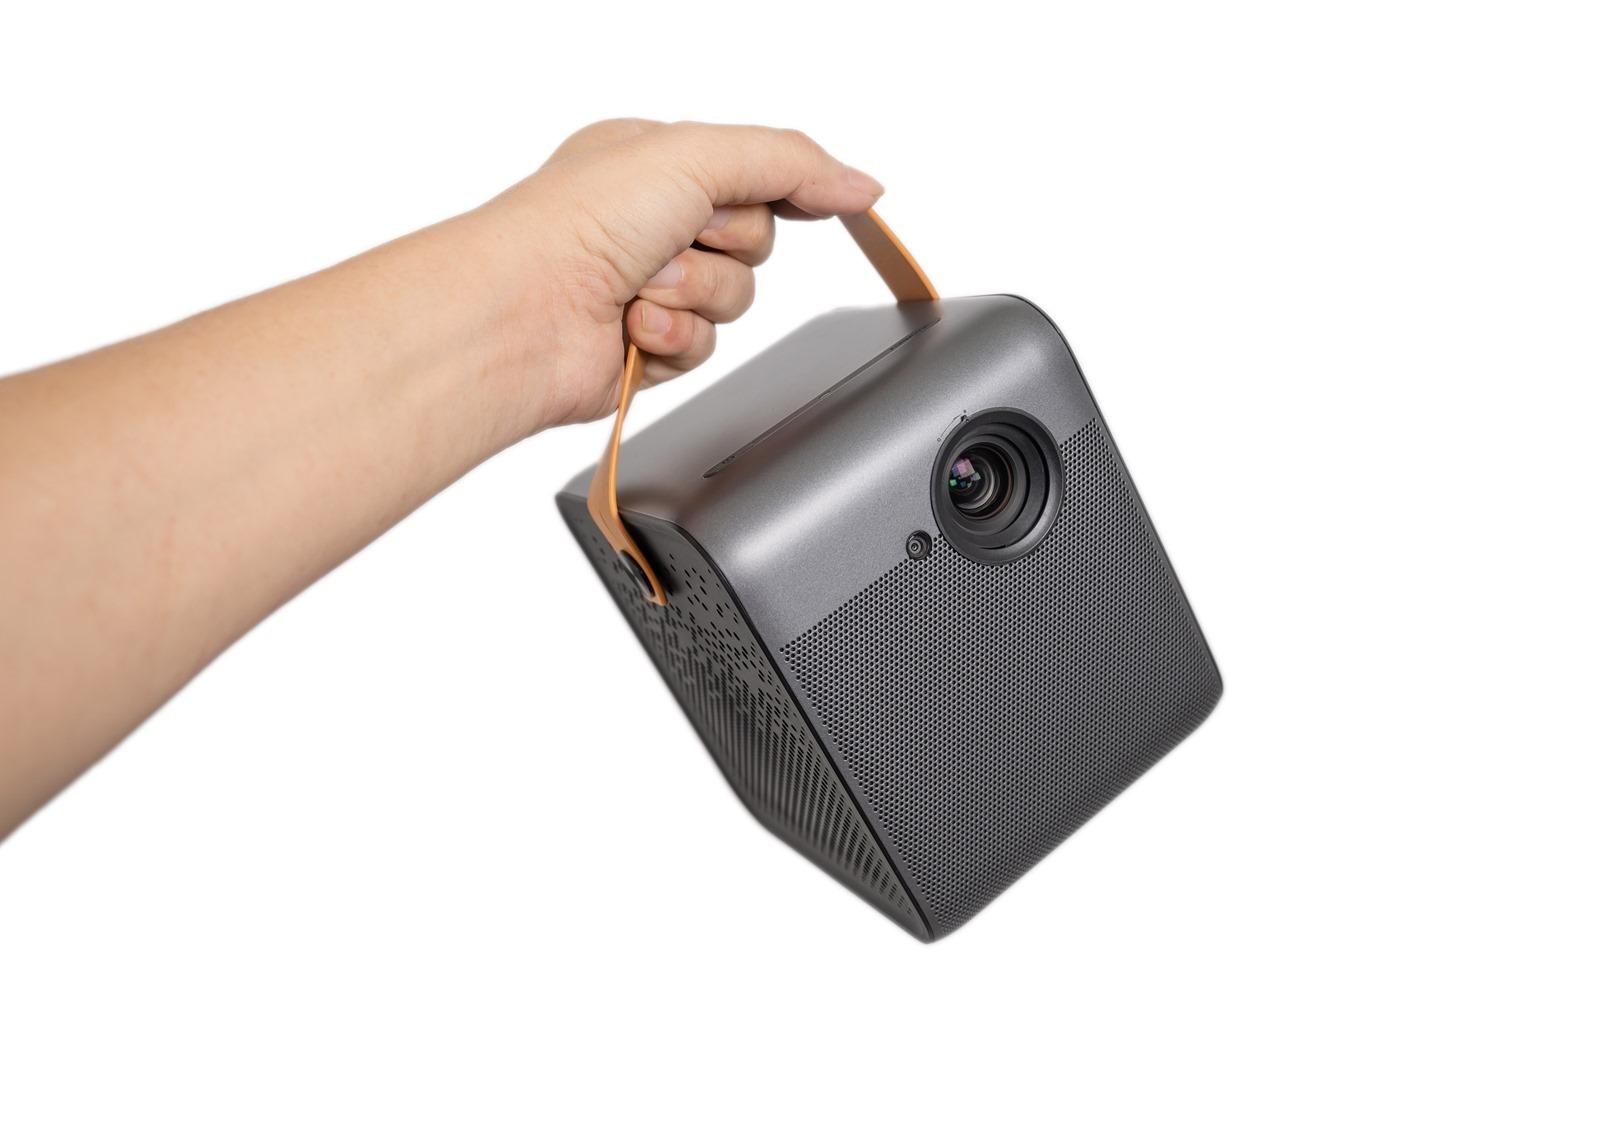 輕巧還聰明!峰米 Dice 真無線智慧投影機可以到處 200 吋大螢幕帶著走! @3C 達人廖阿輝